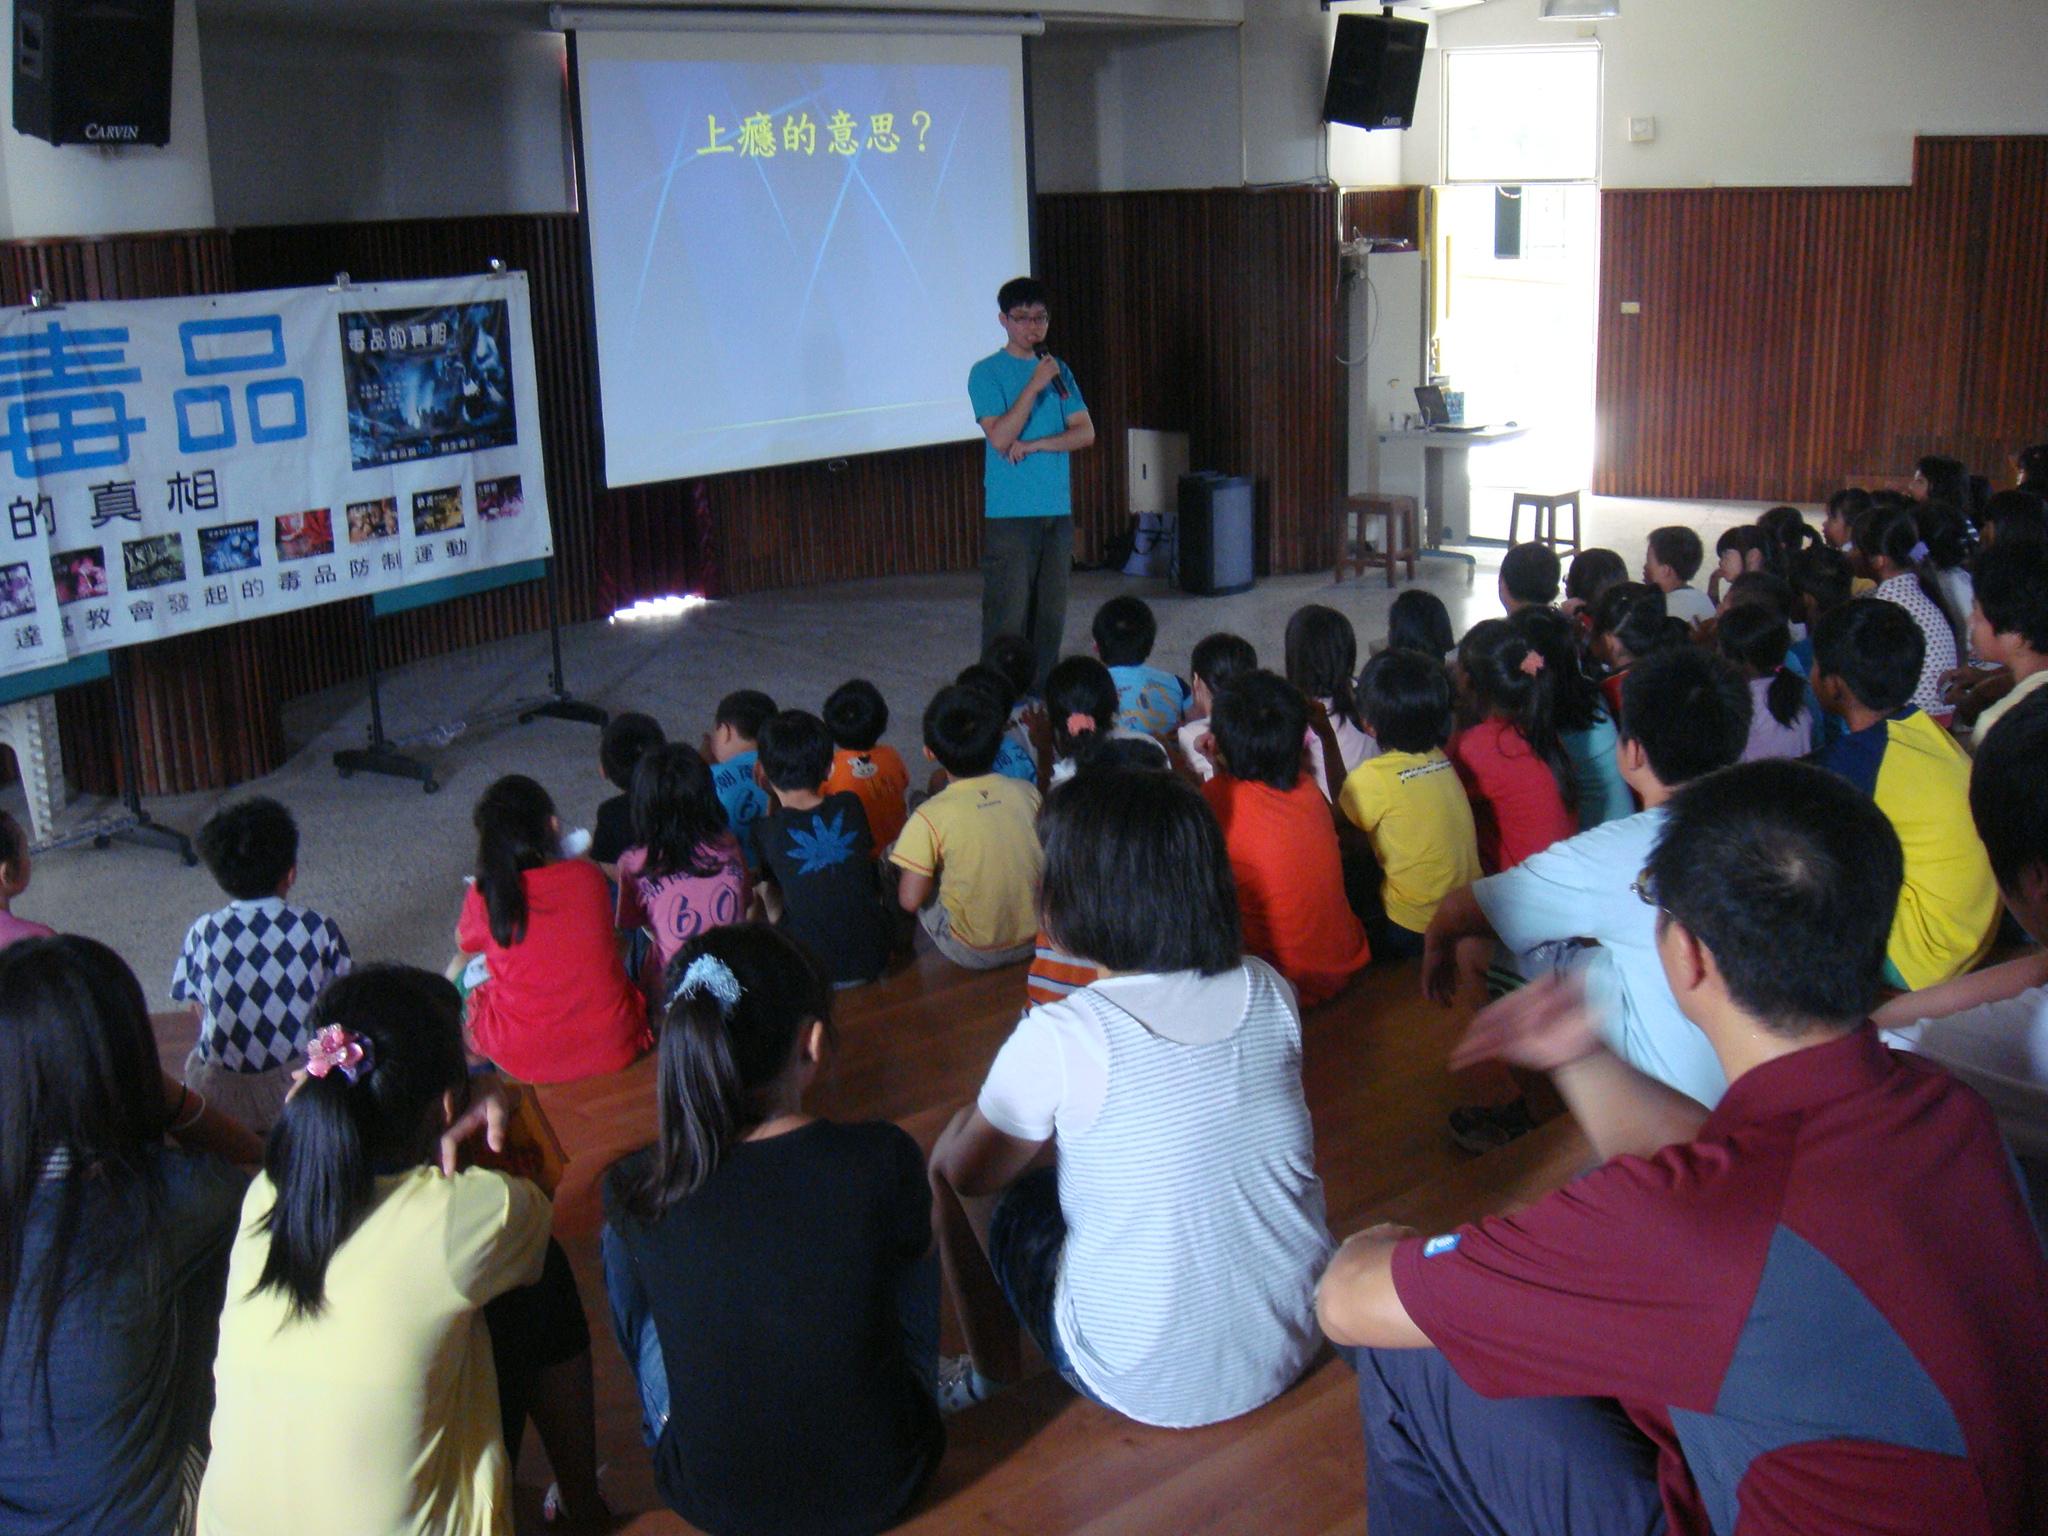 山達基教會反毒預防性宣導效果佳 深獲教師好評